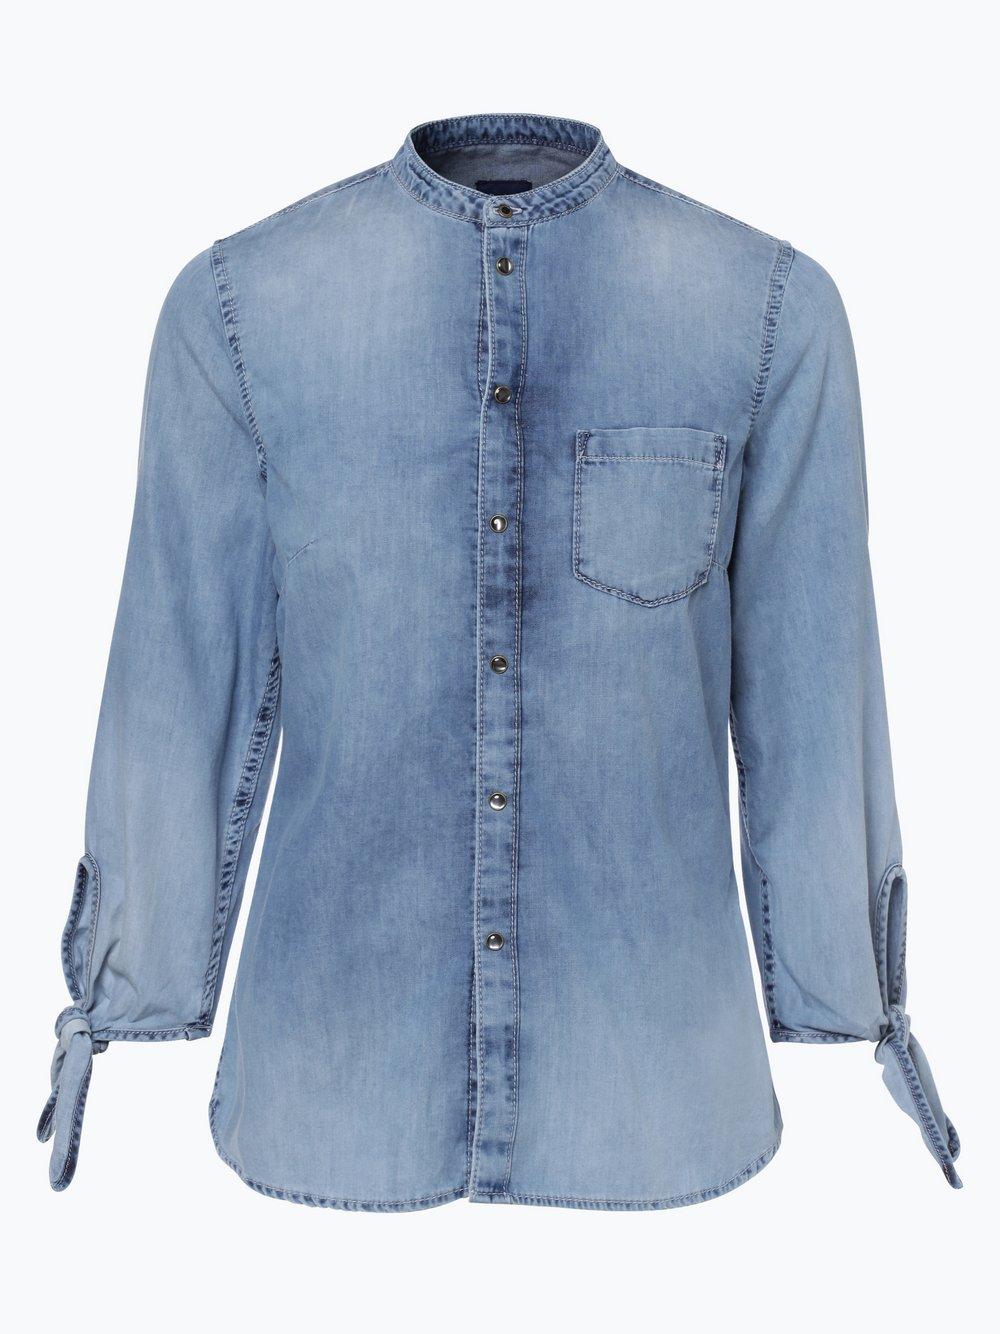 9c6d0c5e3dec0a Pepe Jeans Damska koszula jeansowa – Ellen kup online | VANGRAAF.COM